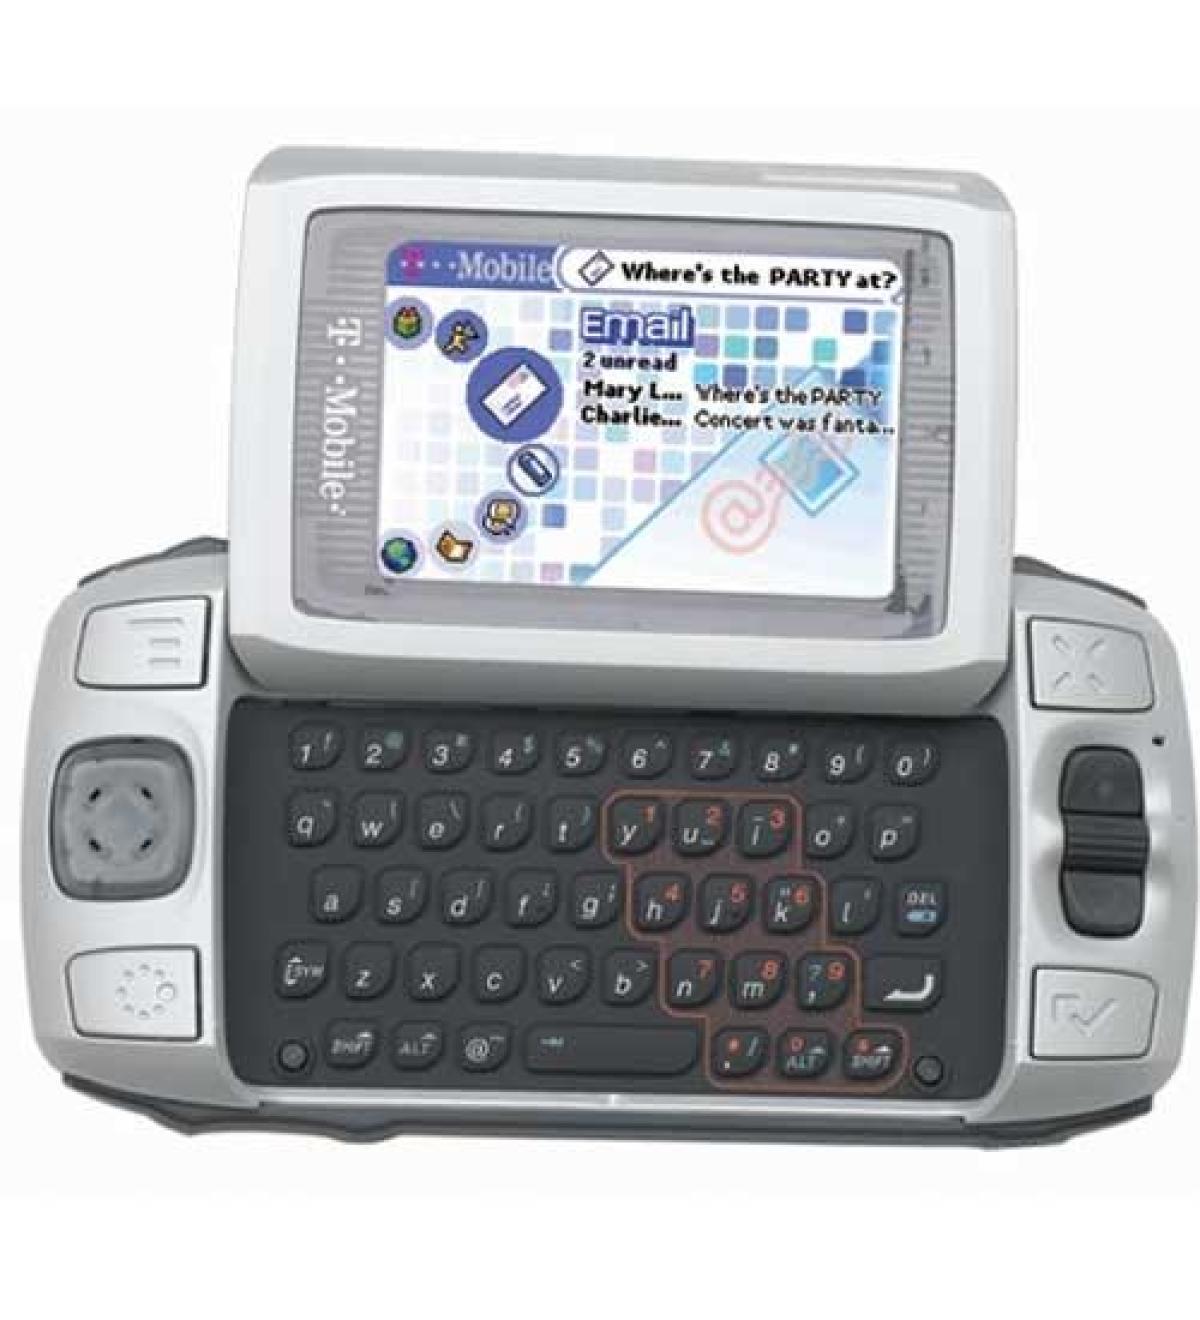 L'ancêtre d'Android, le Sidekick. Ce mobile a été conçu par la startup d'Andy Rubin et commercialisé en 2002 par T-mobile aux Etats-Unis.